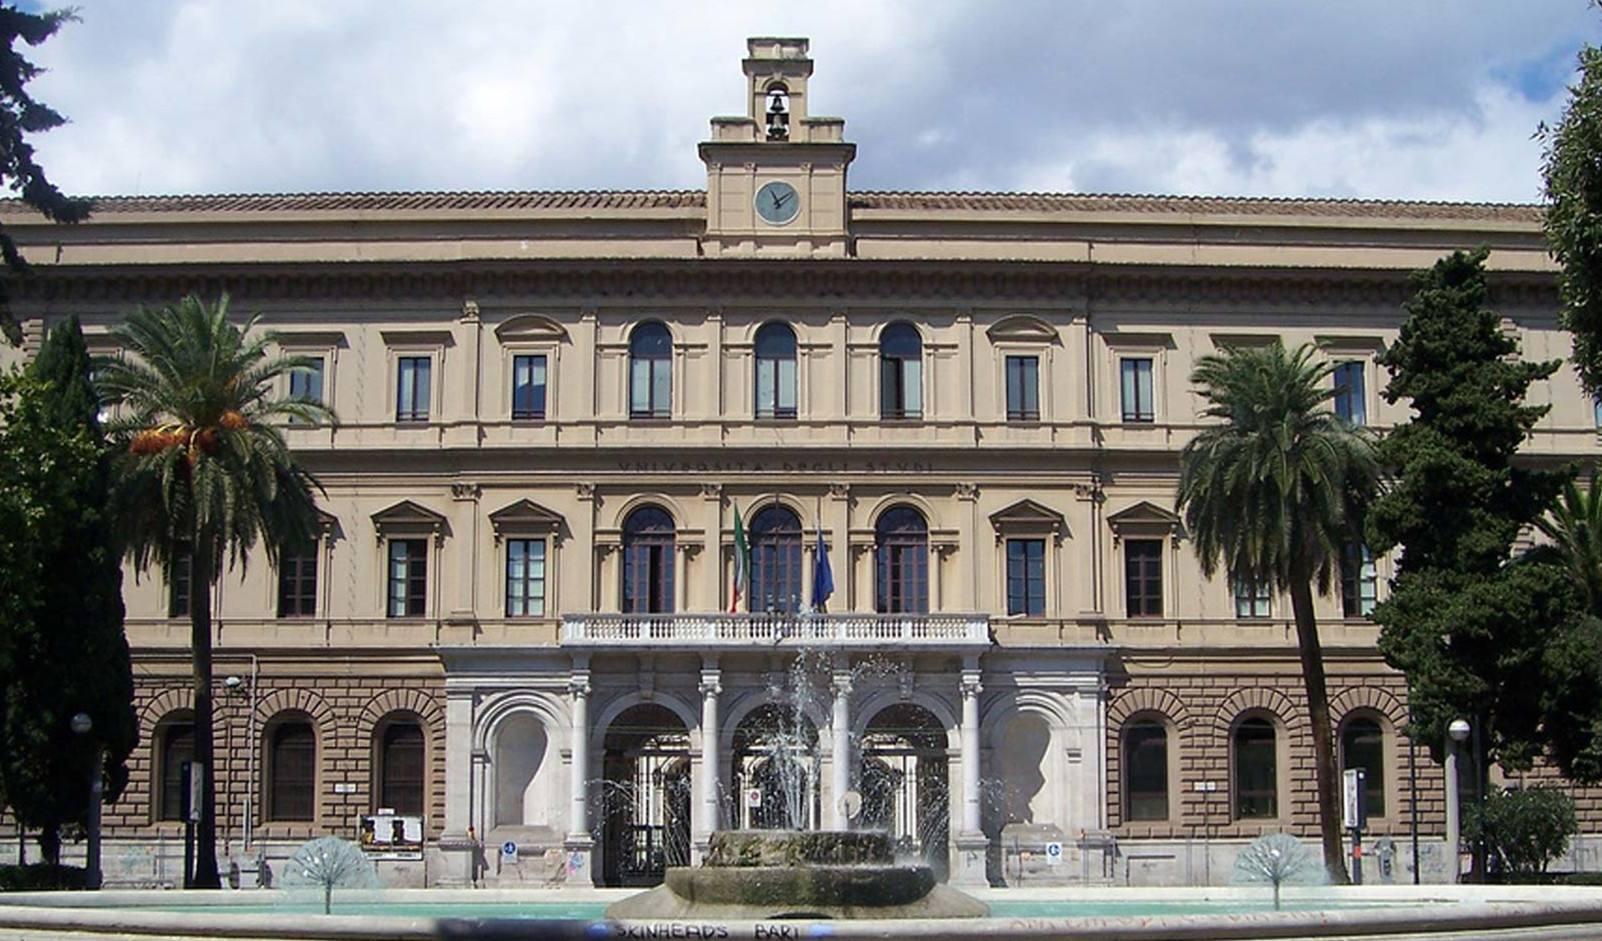 意大利的留学条件常识,本科和研究生全概括,另附申请和入学条件